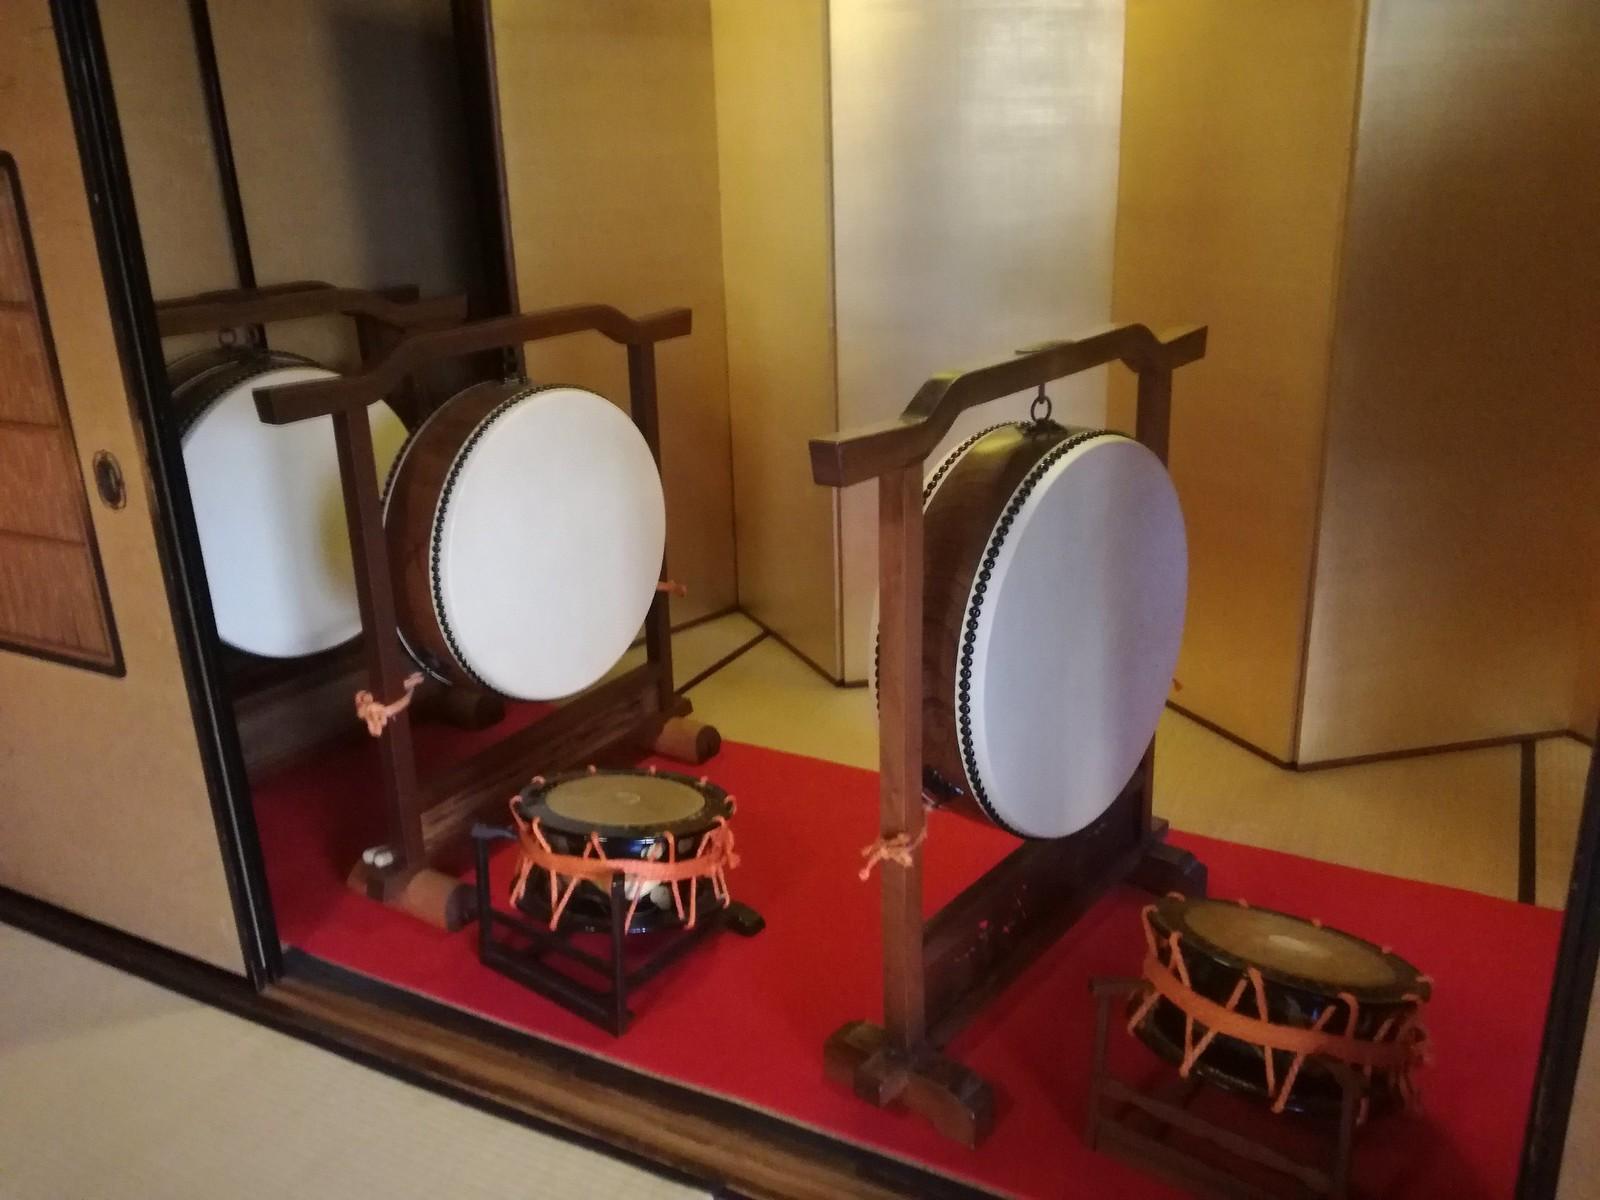 Kanazawa - Shima, maison de geishas